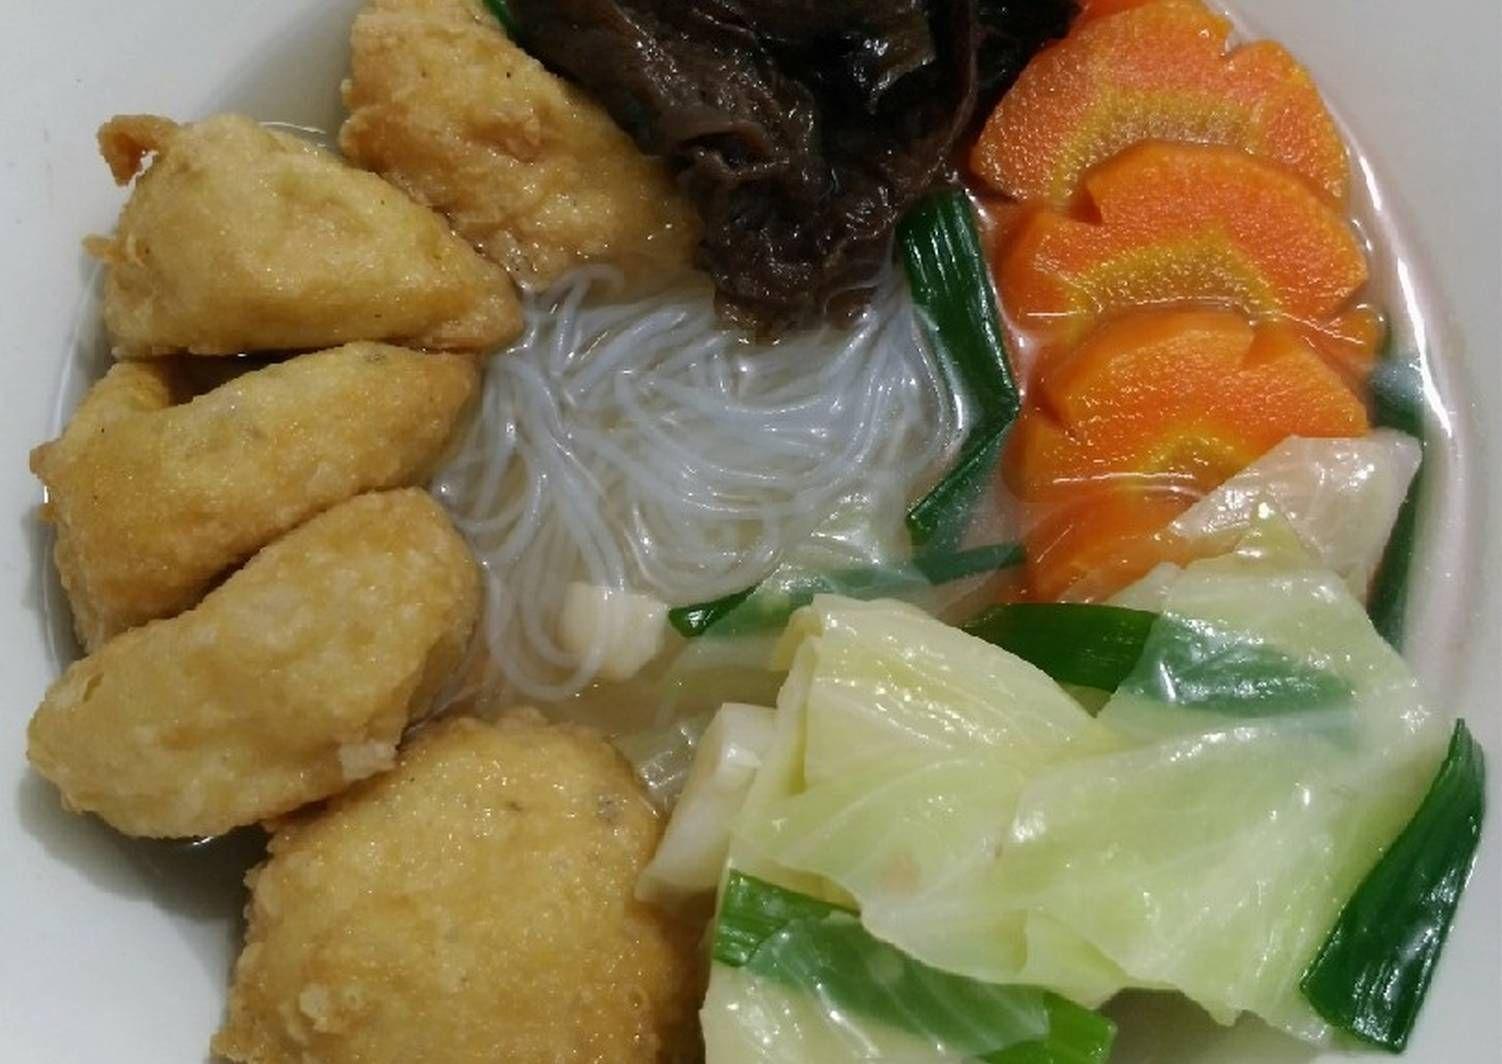 Resep Sup Tahu Pong Oleh Maplesong Resep Memasak Resep Sup Makanan